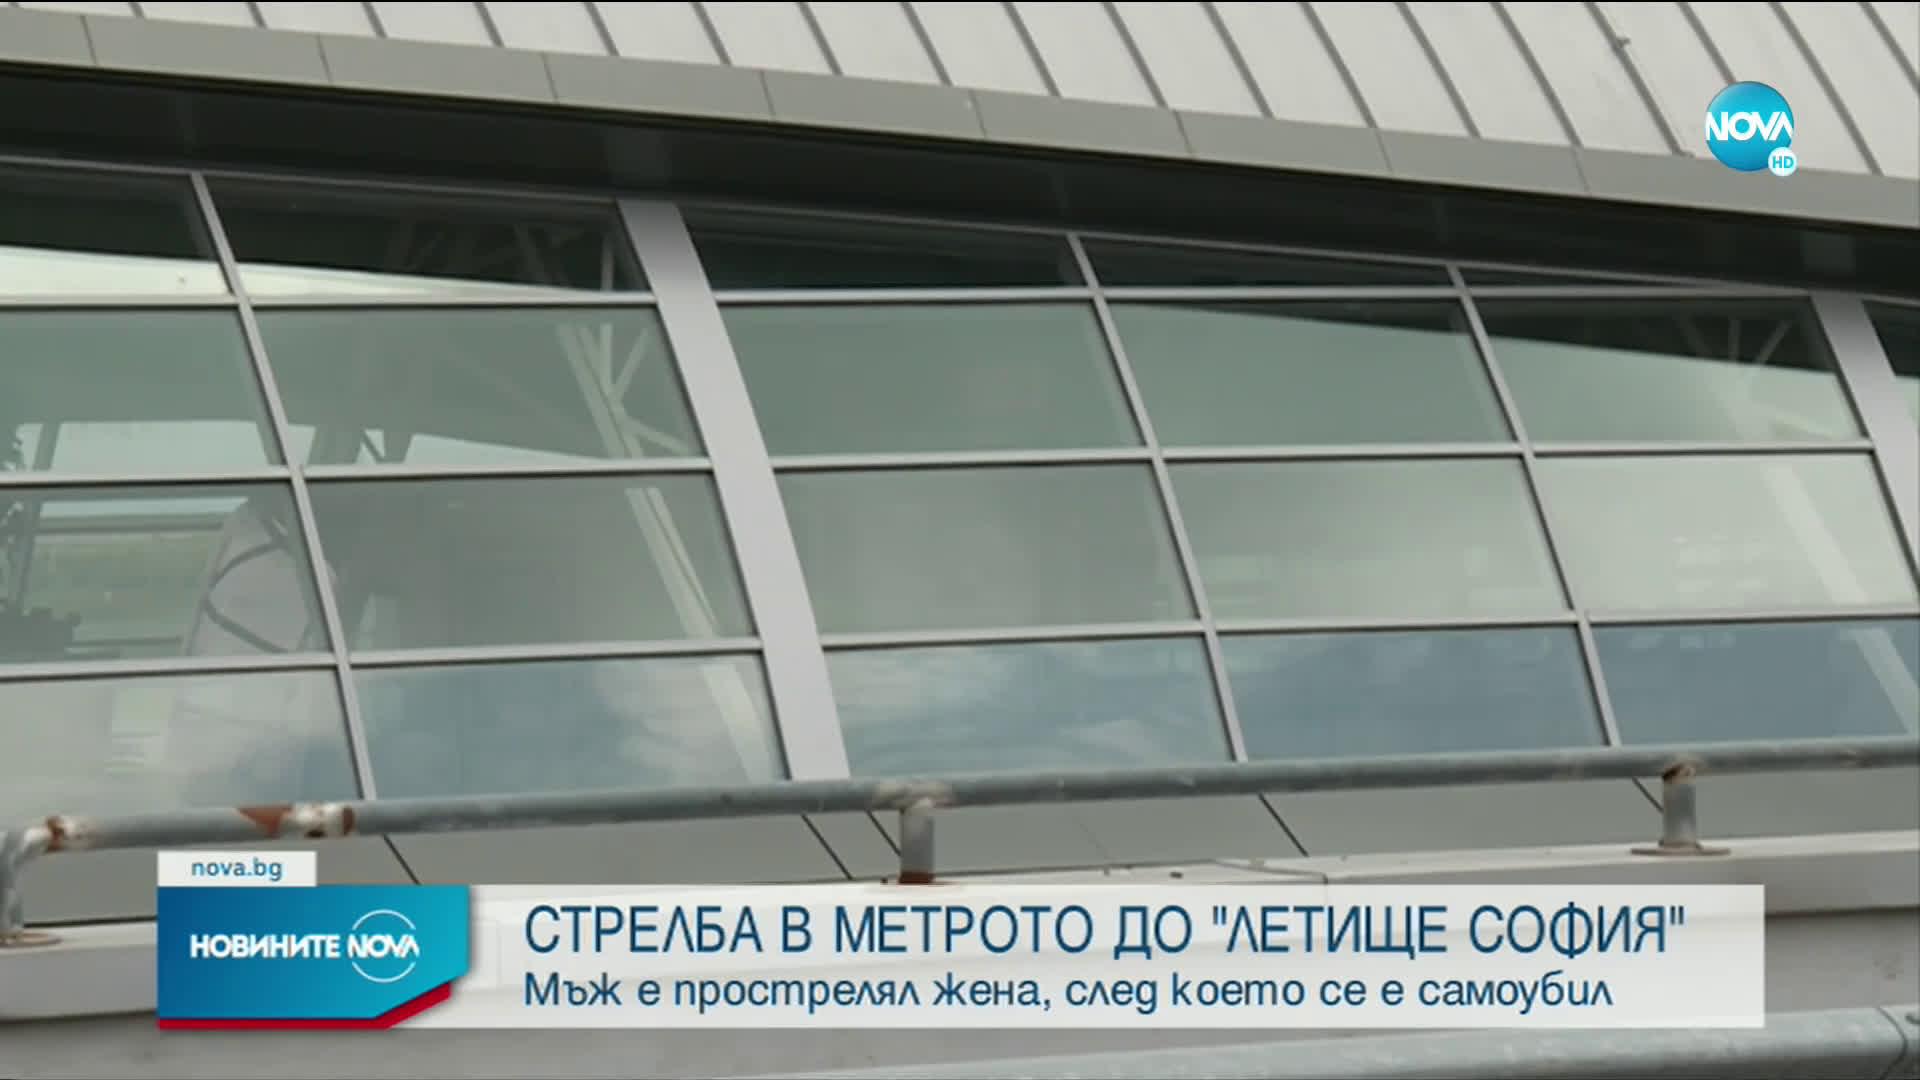 """Жертва и ранена жена след стрелба в метрото на """"Летище София"""""""